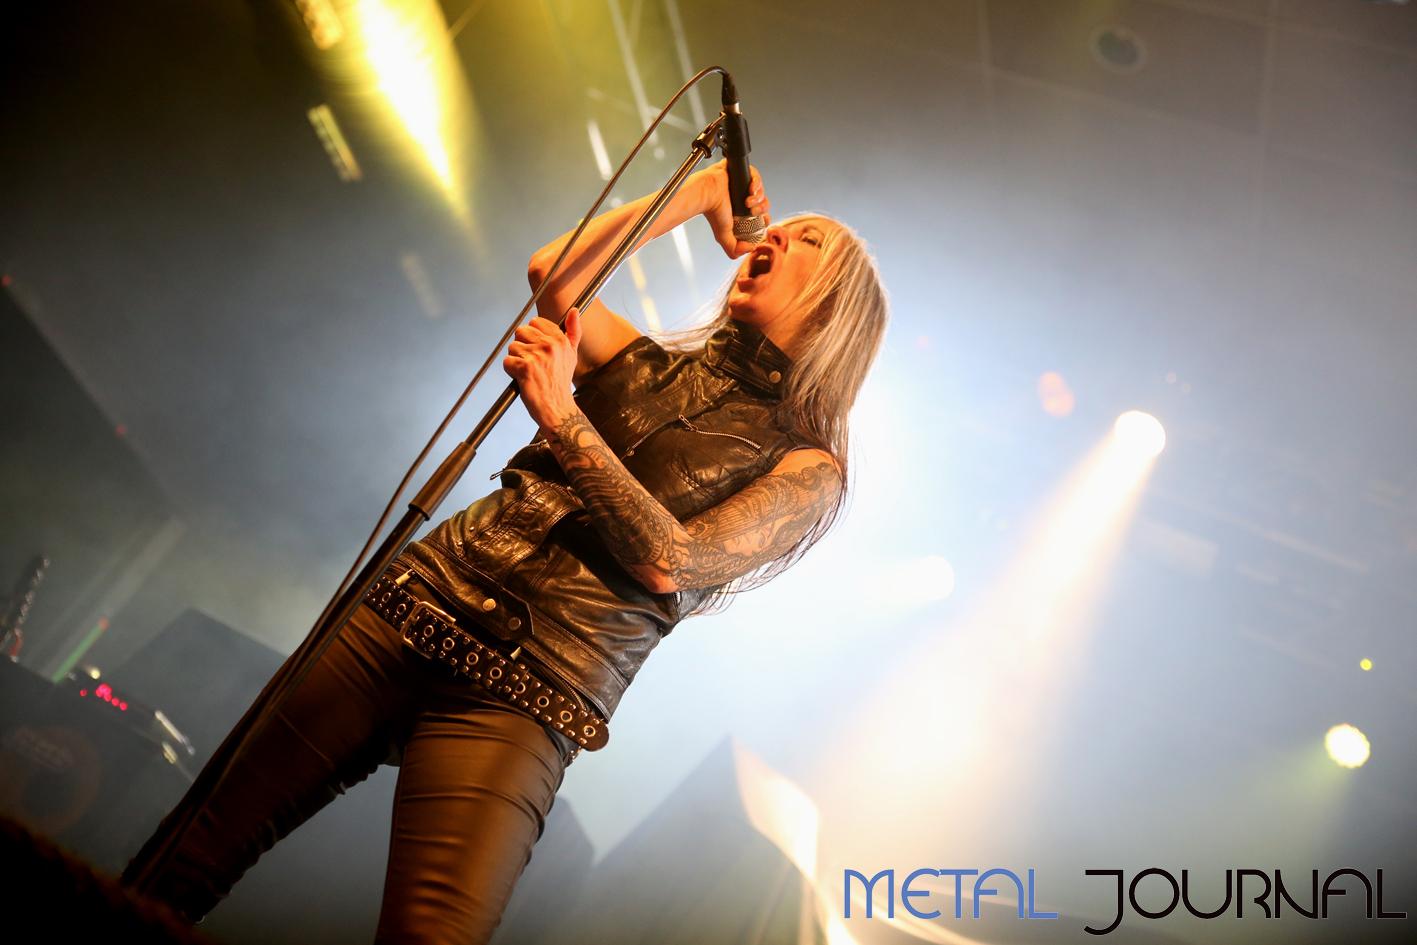 alma culter - metal journal 2019 pic 2